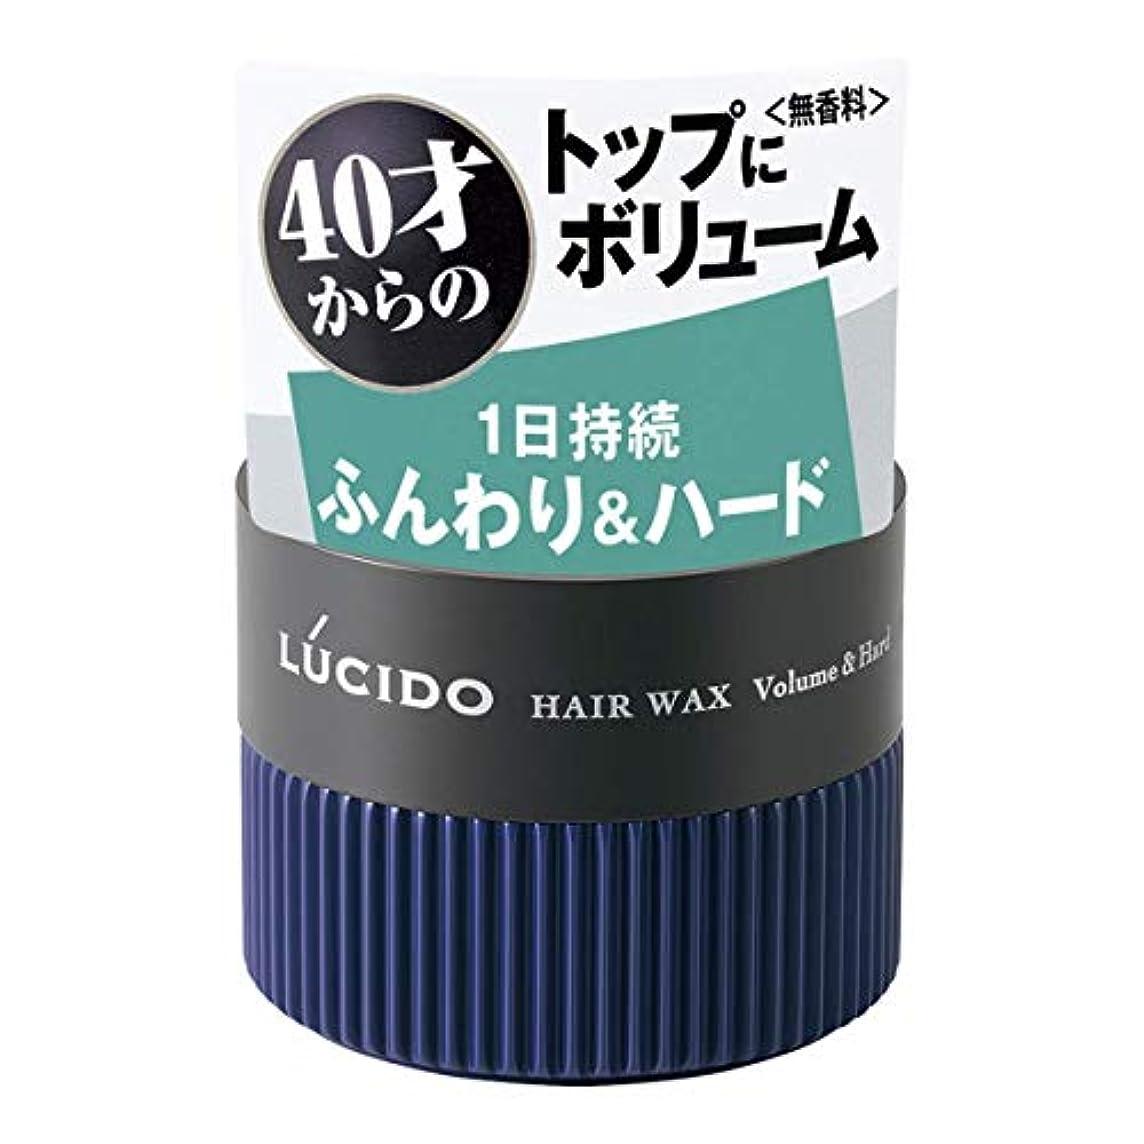 【3個セット】LUCIDO(ルシード) ヘアワックス ボリューム&ハード 80g